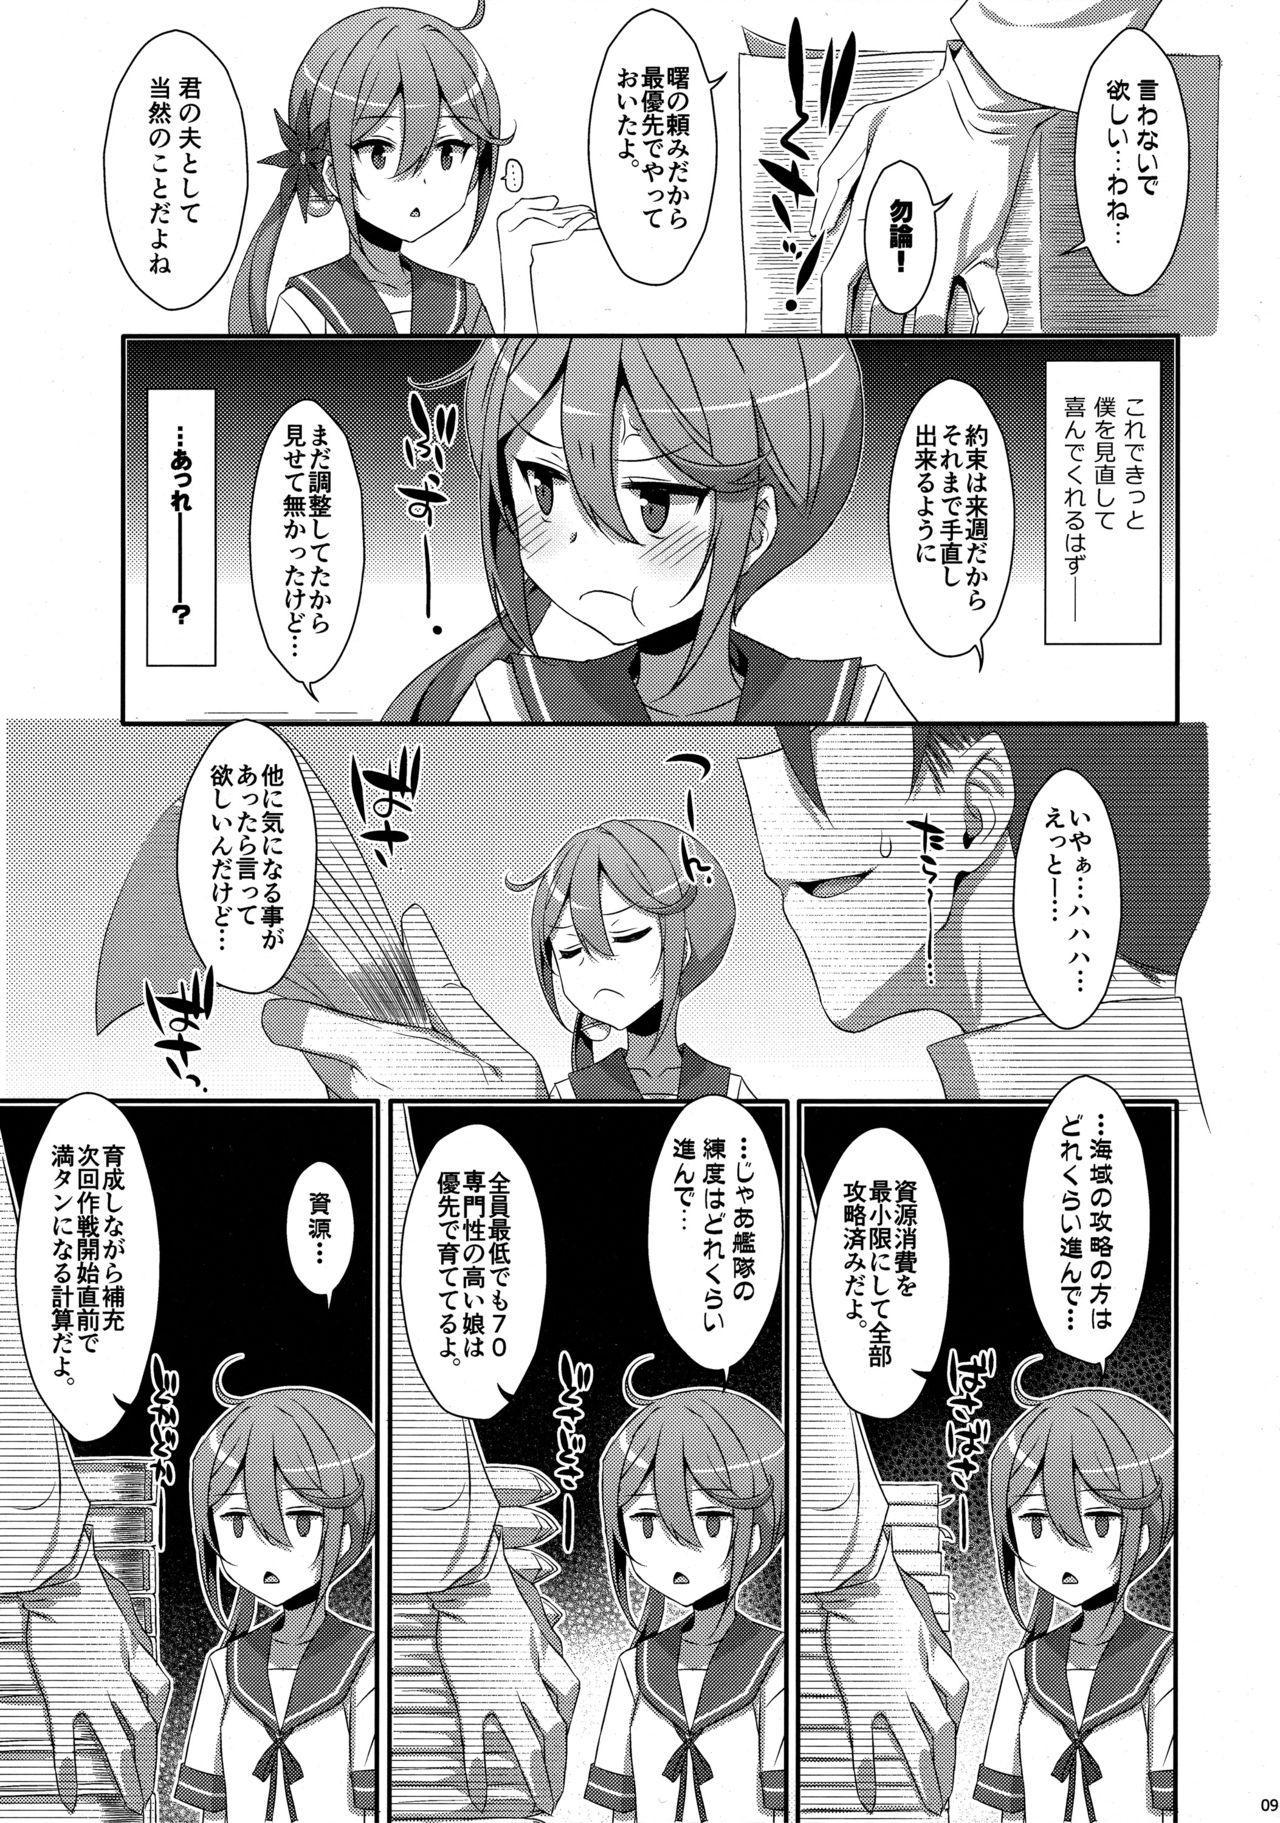 Akebono-chan wa Nonoshiritai! 7